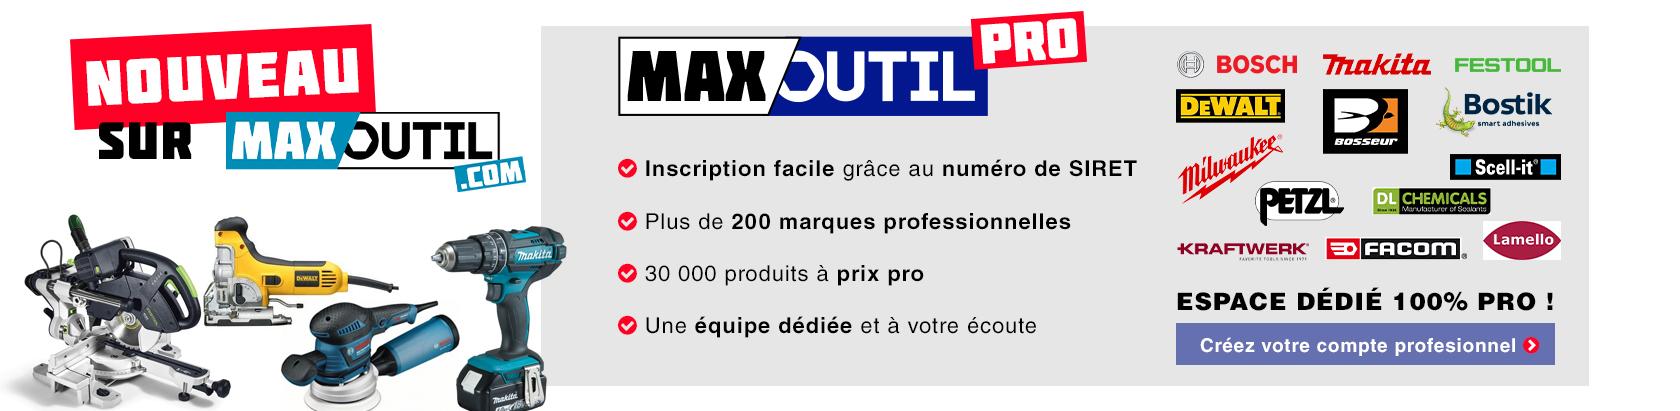 Maxoutil PRO